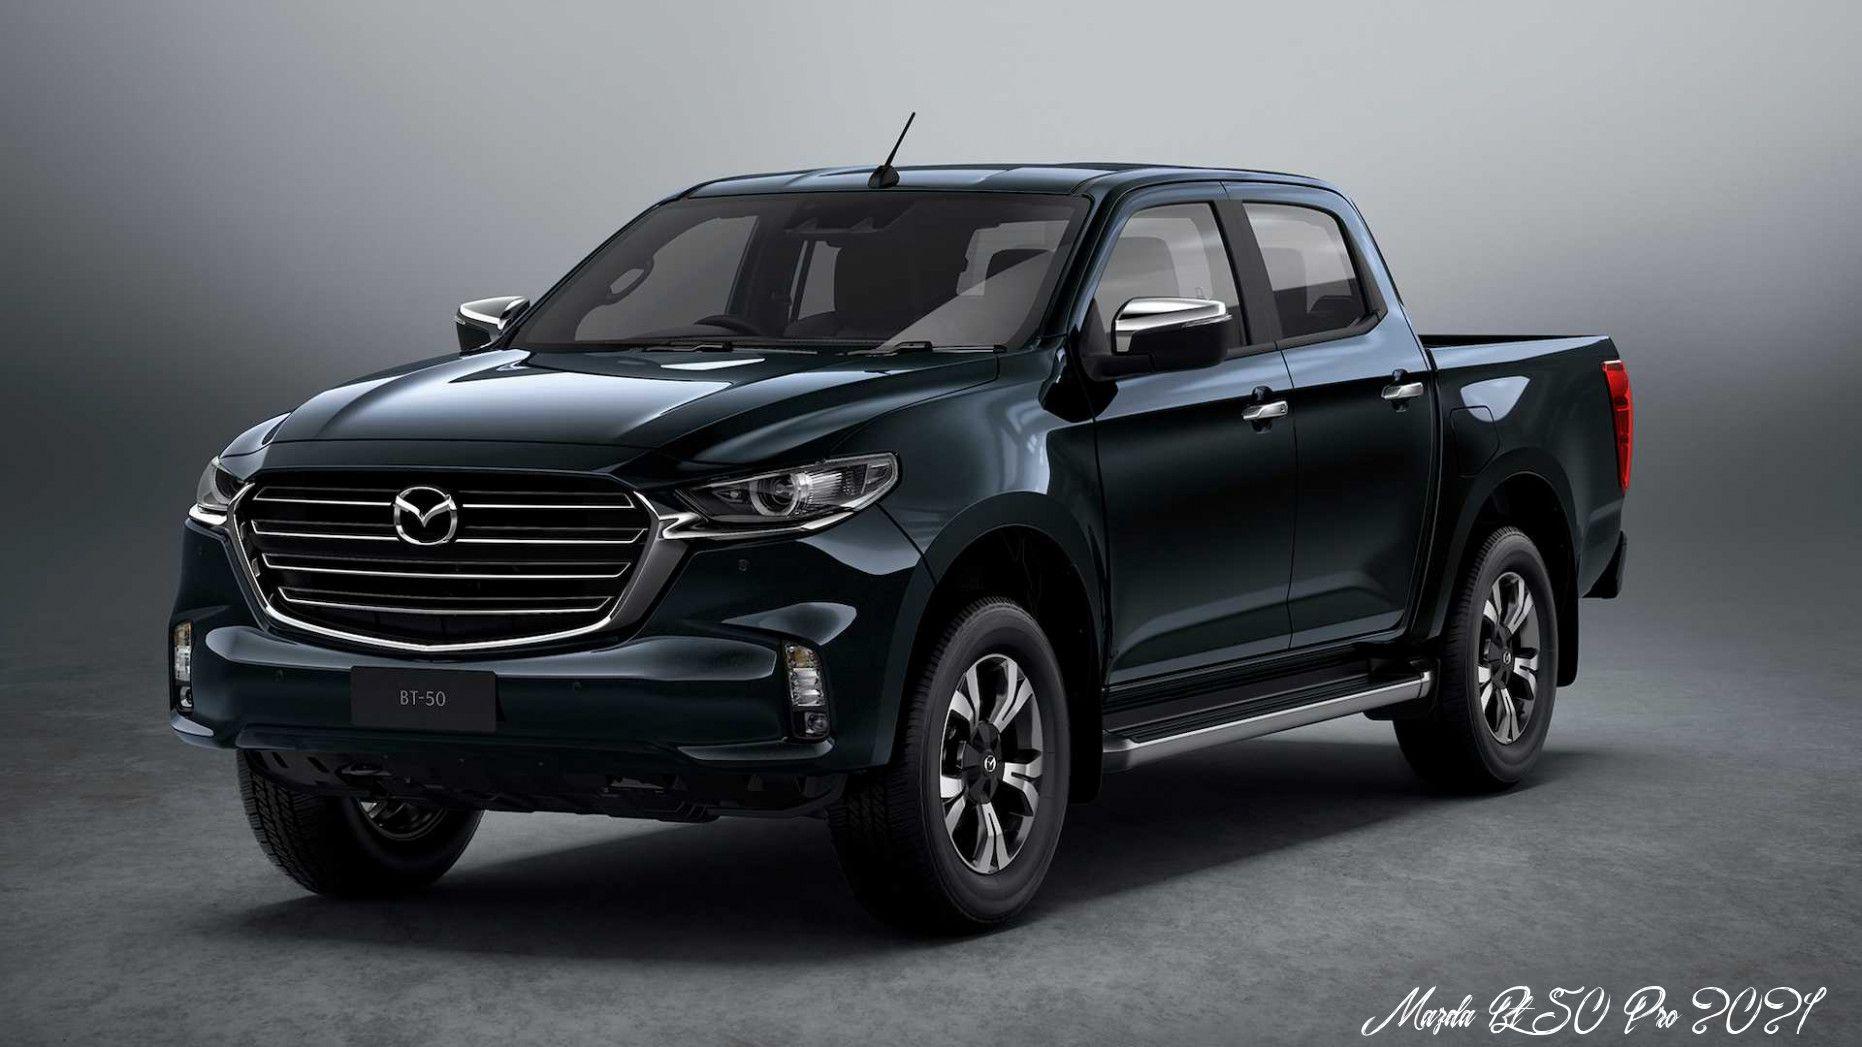 Mazda Bt 50 Pro 2021 Spy Shoot In 2020 Mazda Mini Van Pickup Trucks